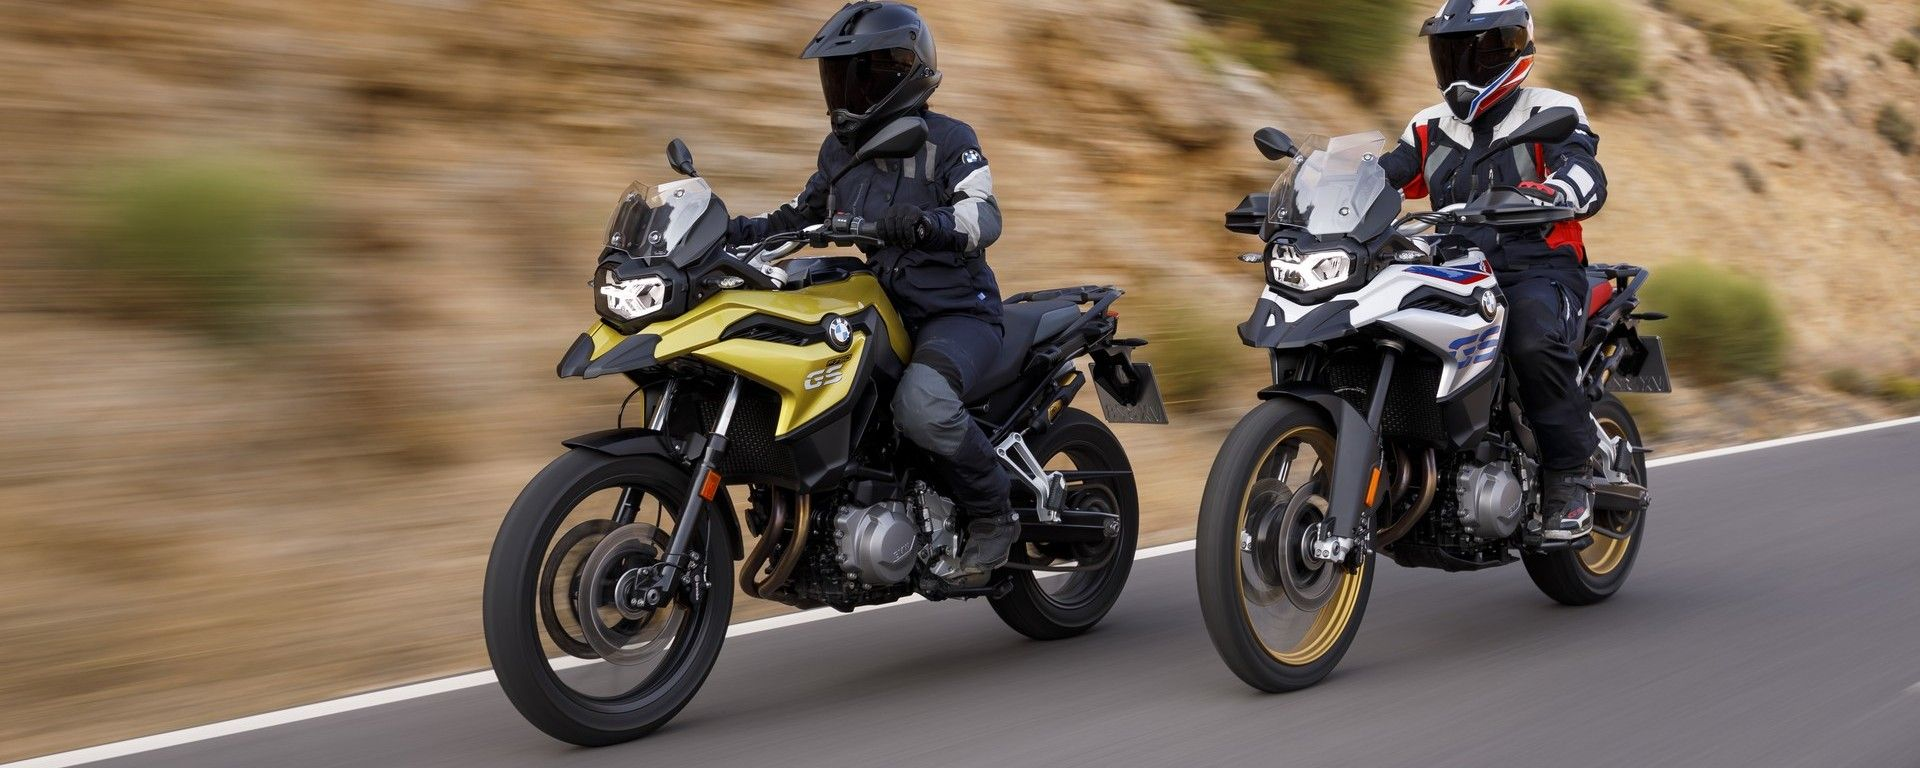 Le nuove BMW F750 GS e BMW F 850 GS